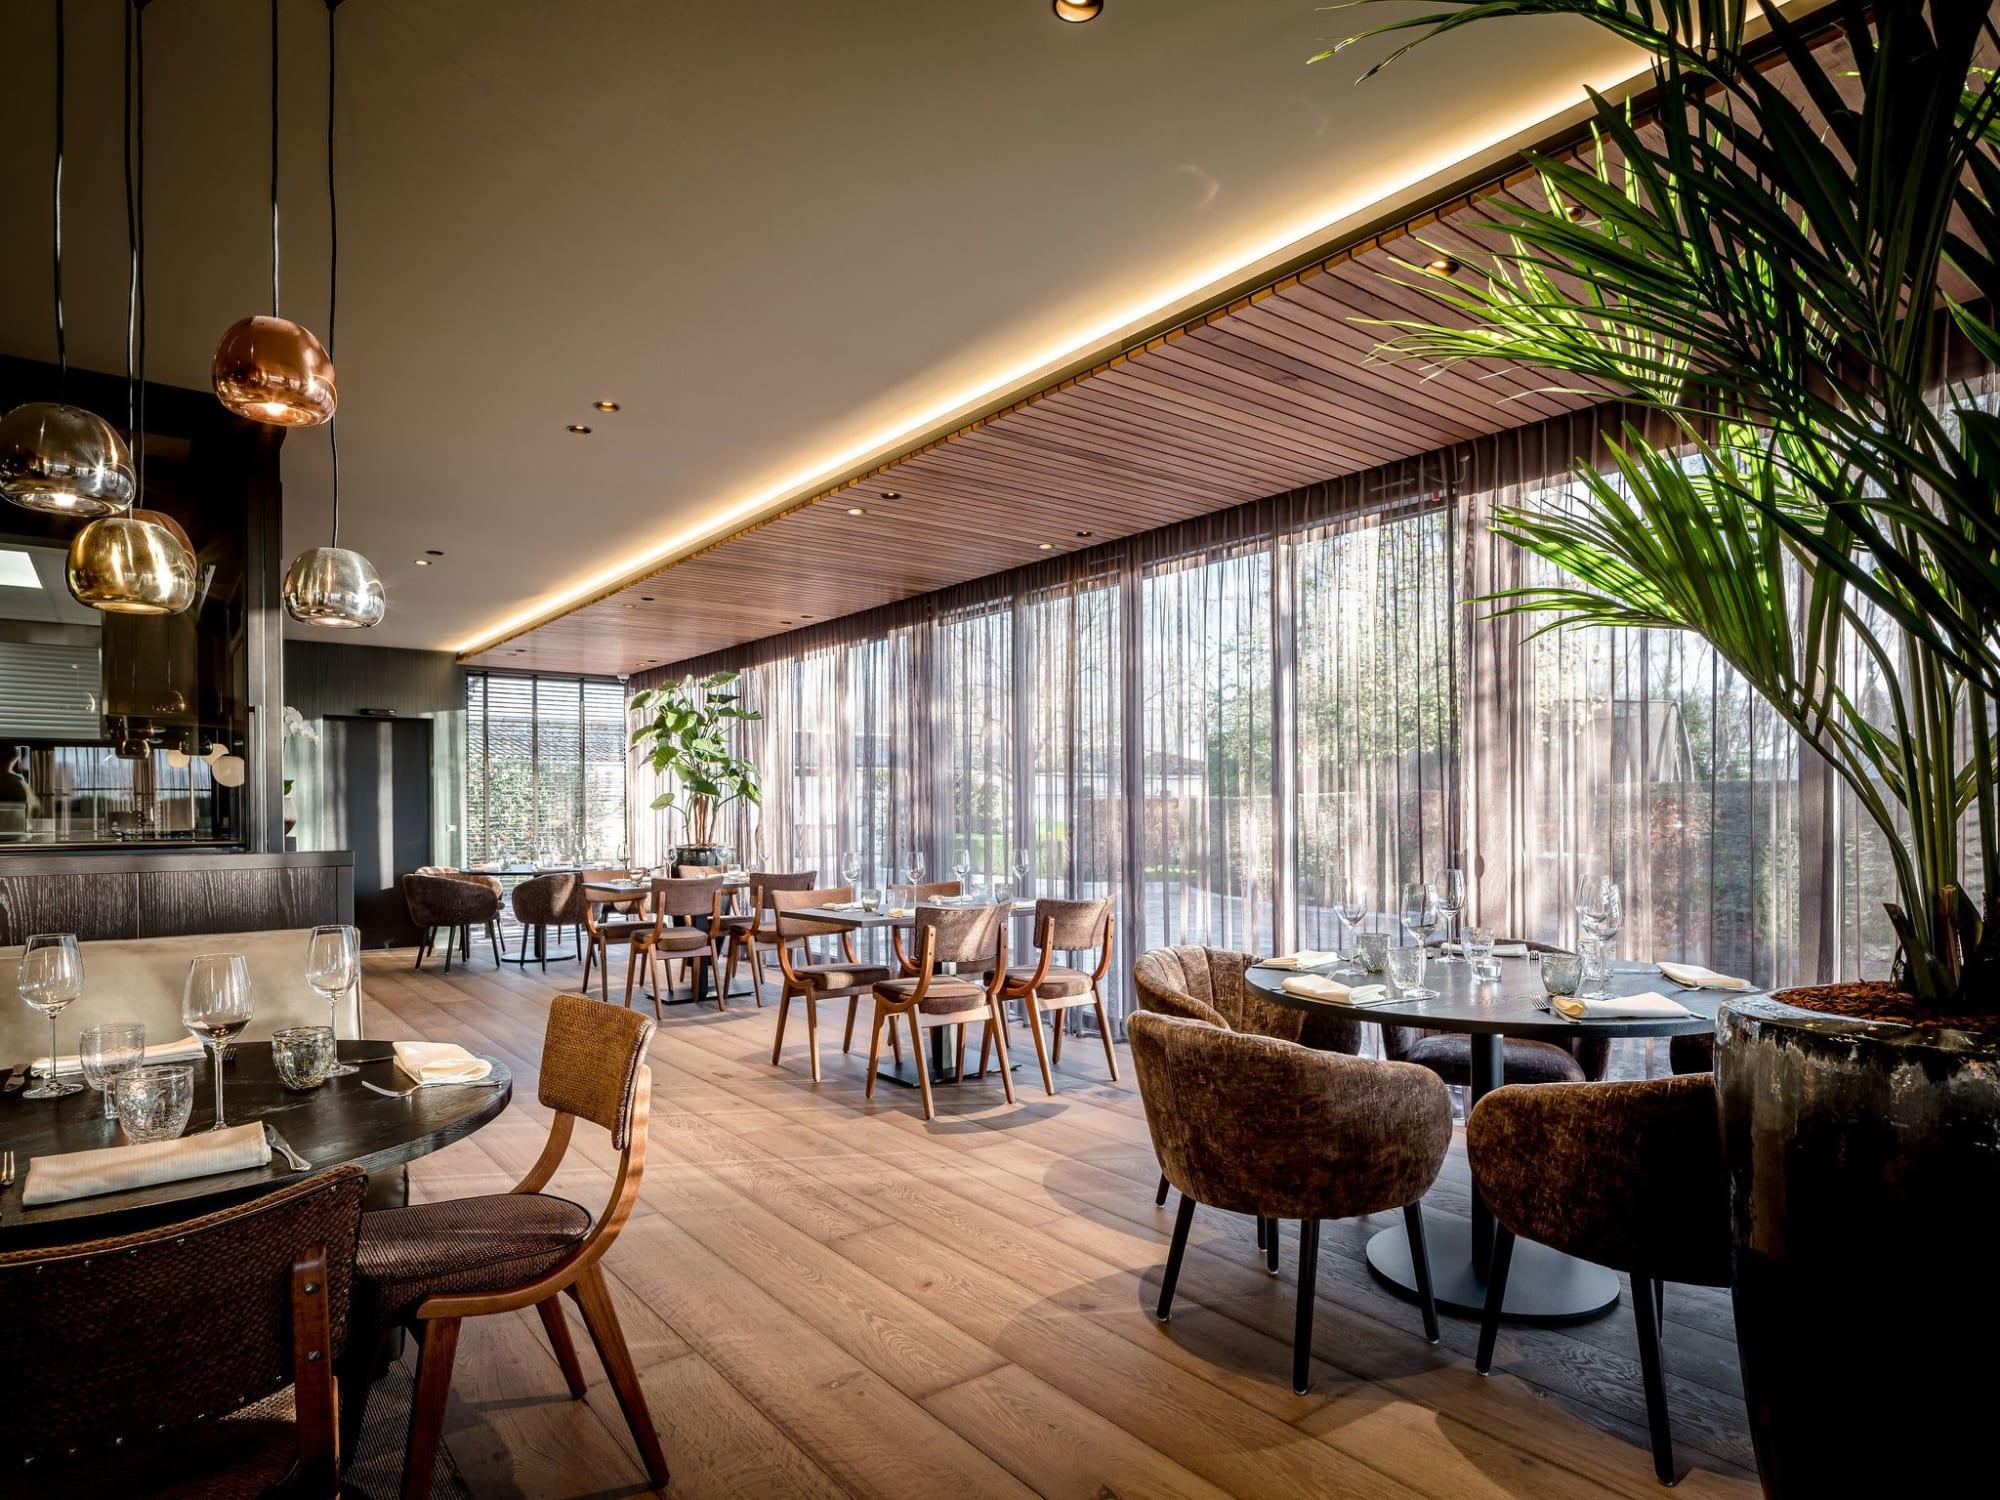 Interior Design by Hans Kuijten seen at Tol 1, Eede - Restaurant De Tol